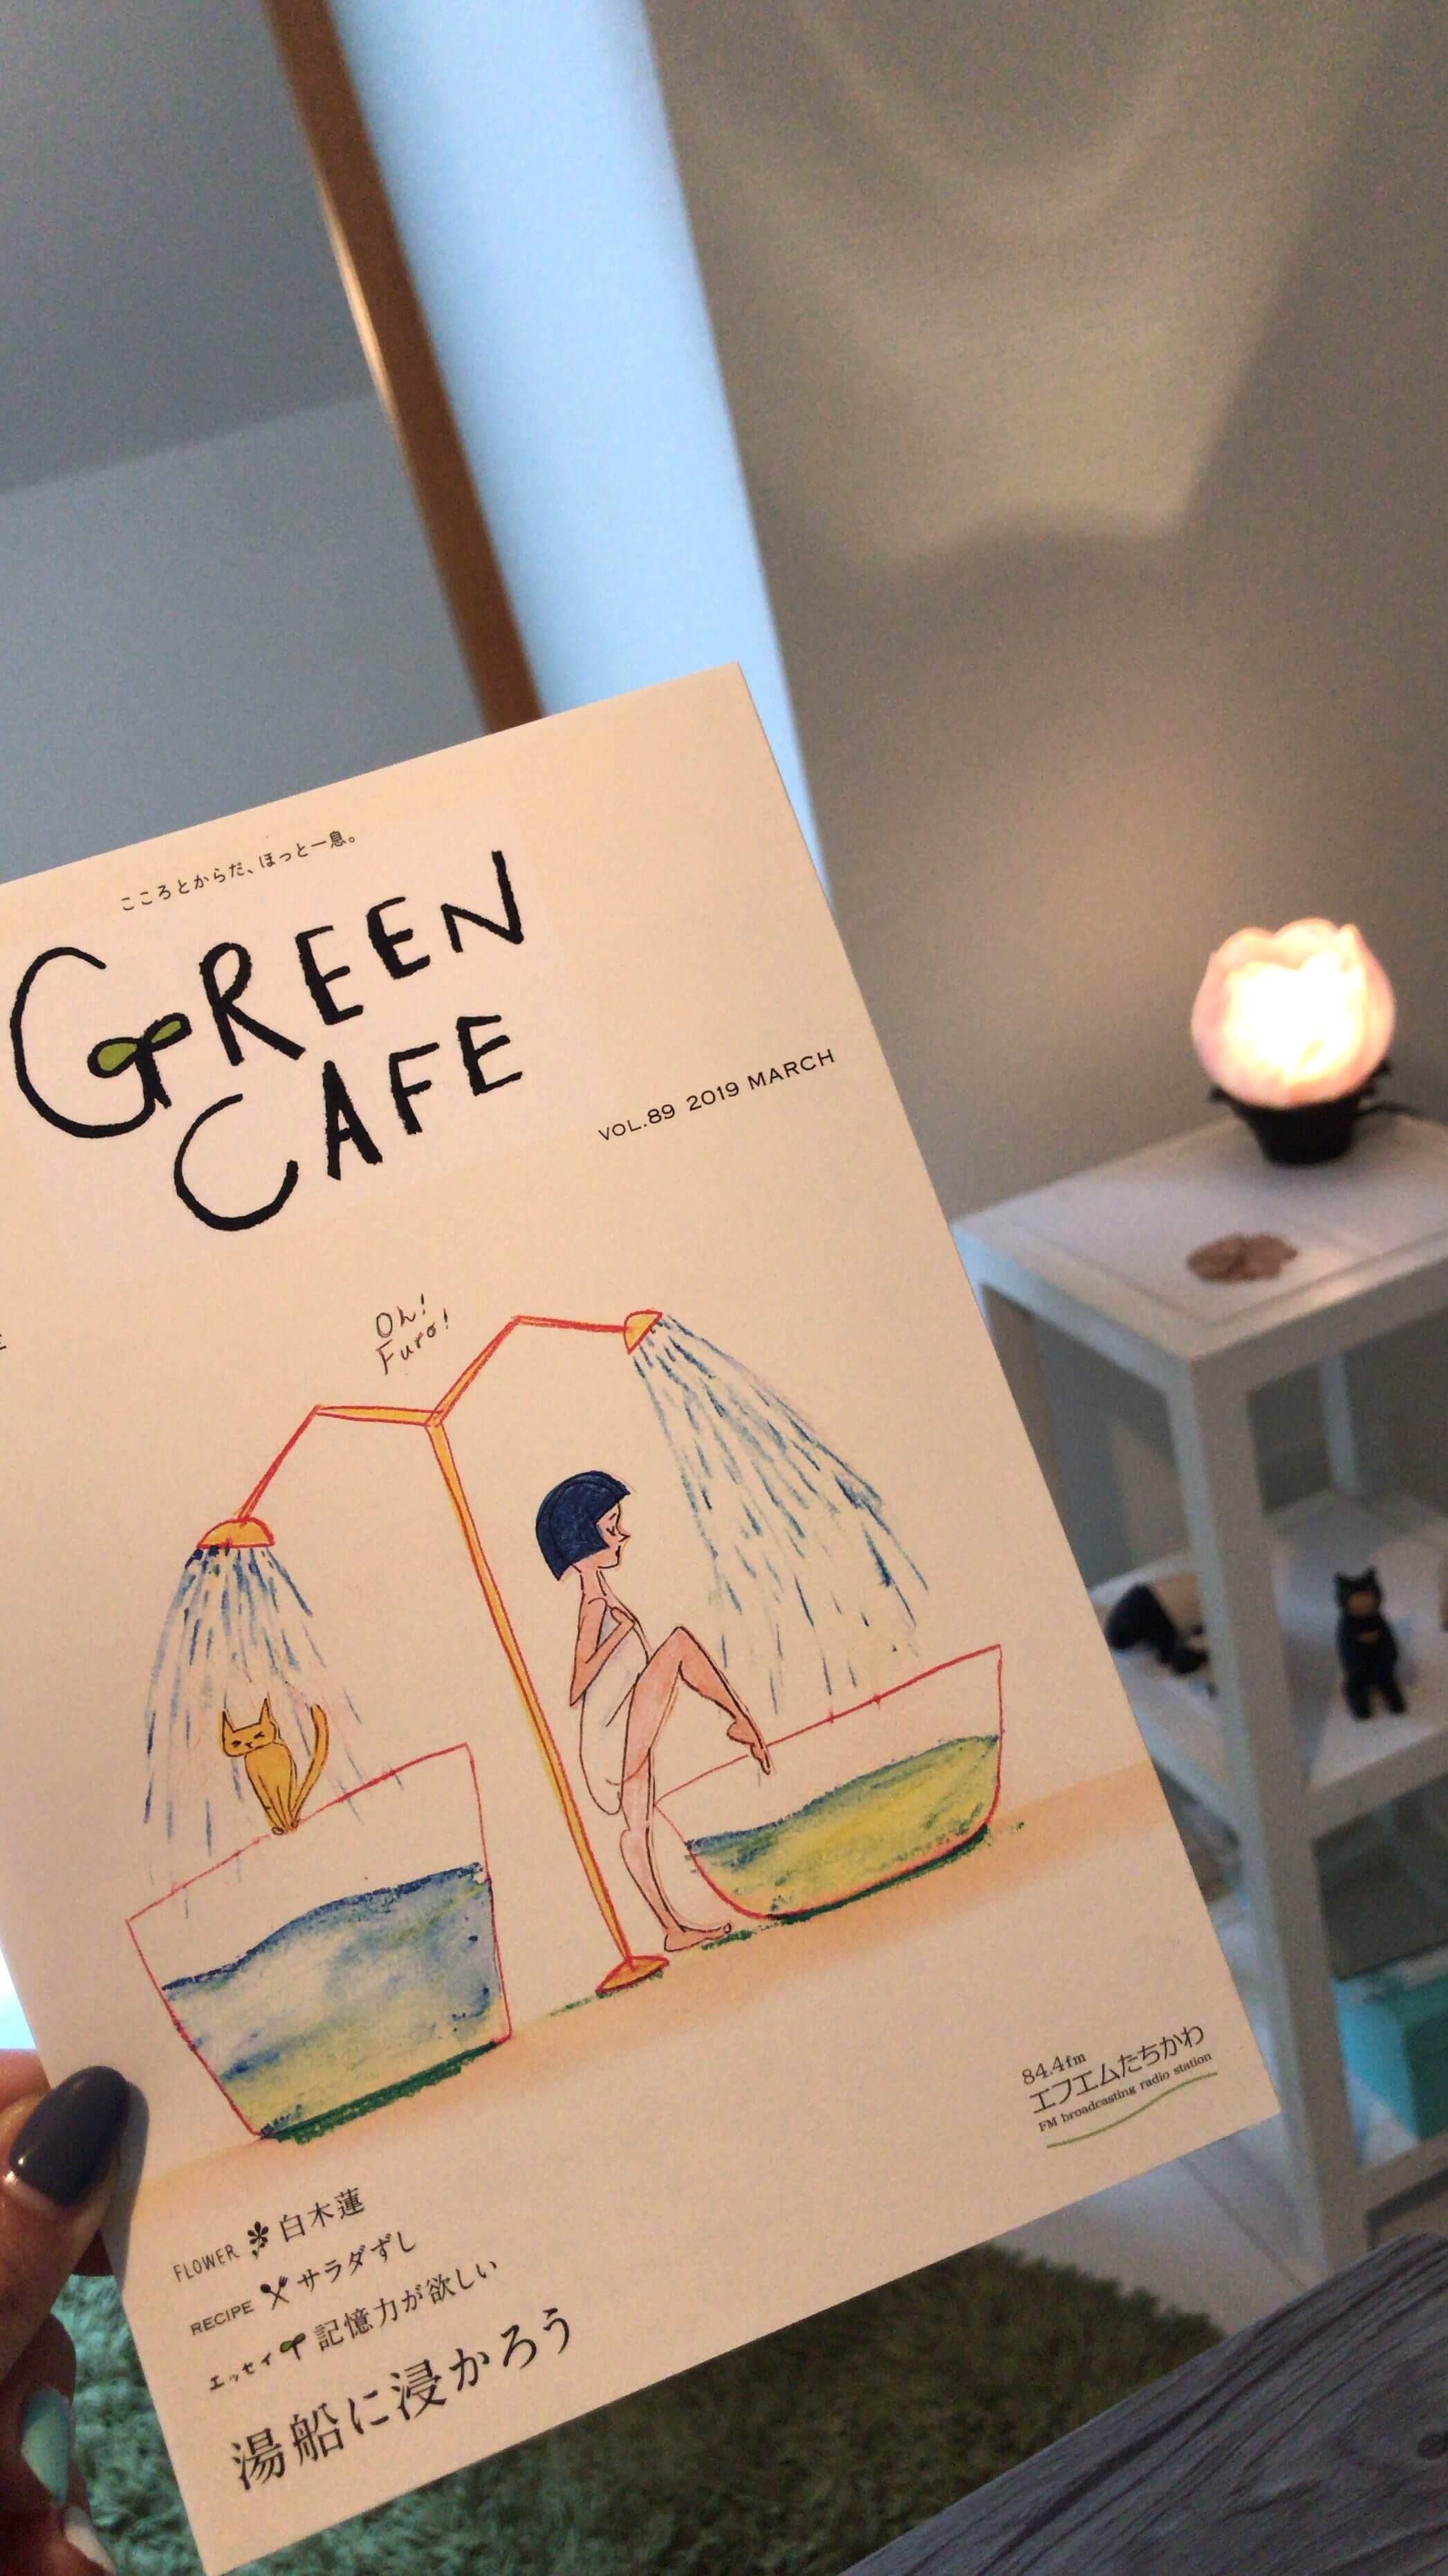 FMたちかわ様 フリーマガジン『GREEN CAFE』監修記事が掲載されました。